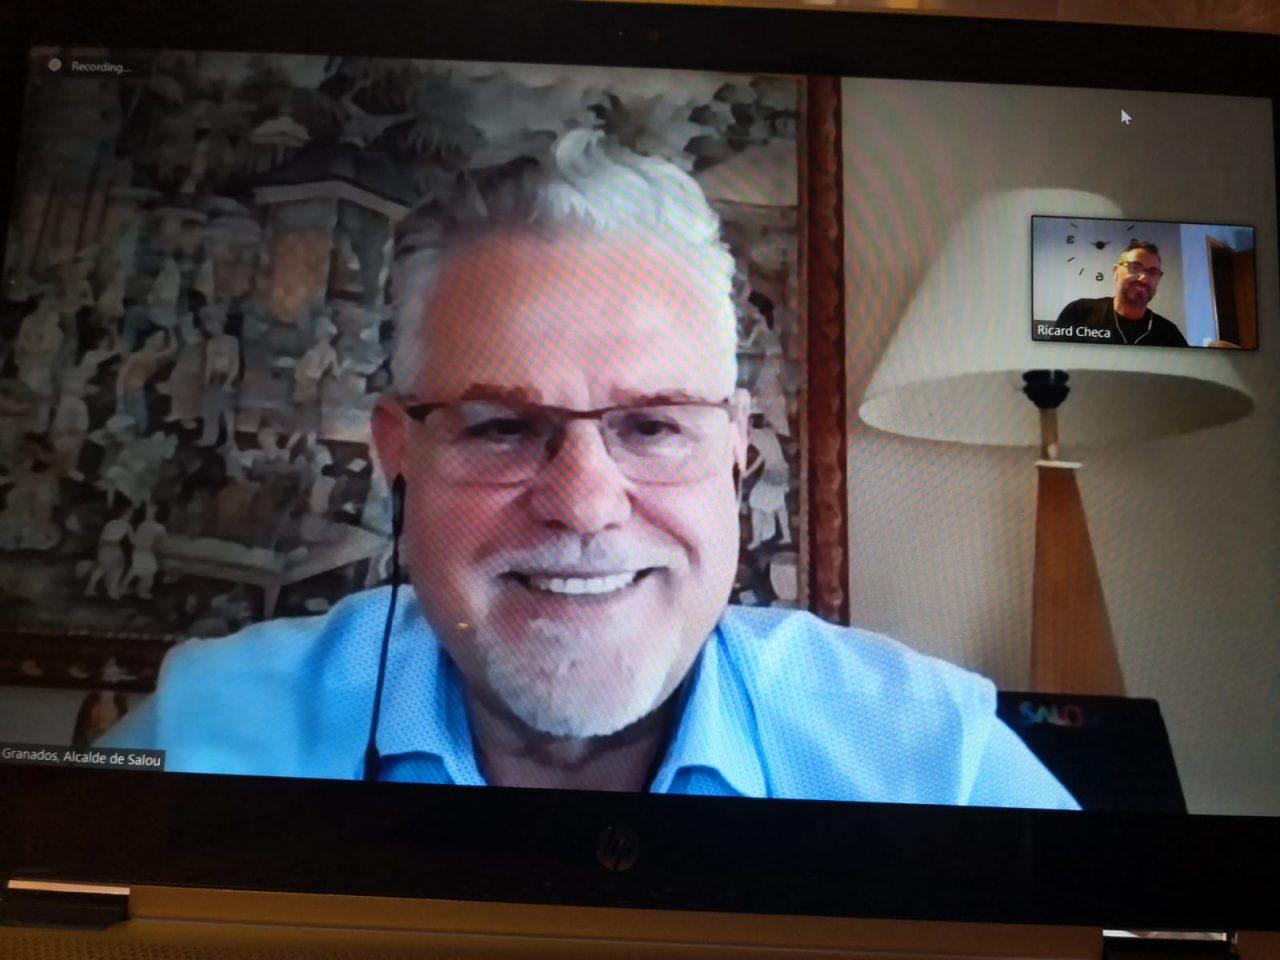 granados_videoconferencia-1280x960.jpg